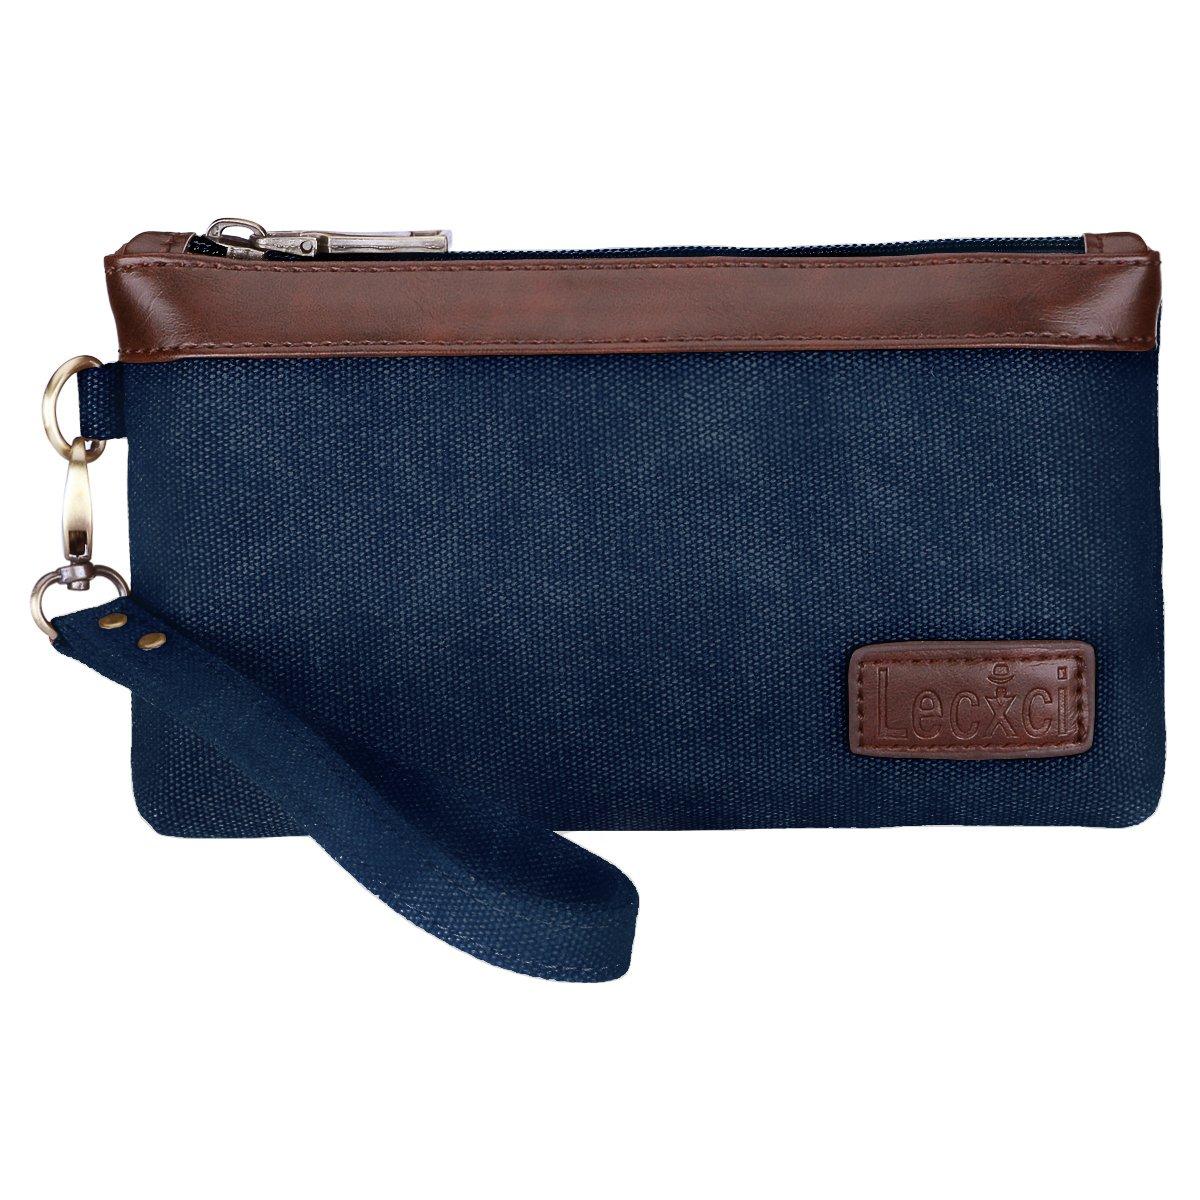 Lecxci Women's Canvas Smartphone Wristlets Bag Clutch Wallets Purses for iPhone 6S/7 Plus/8 Plus/X